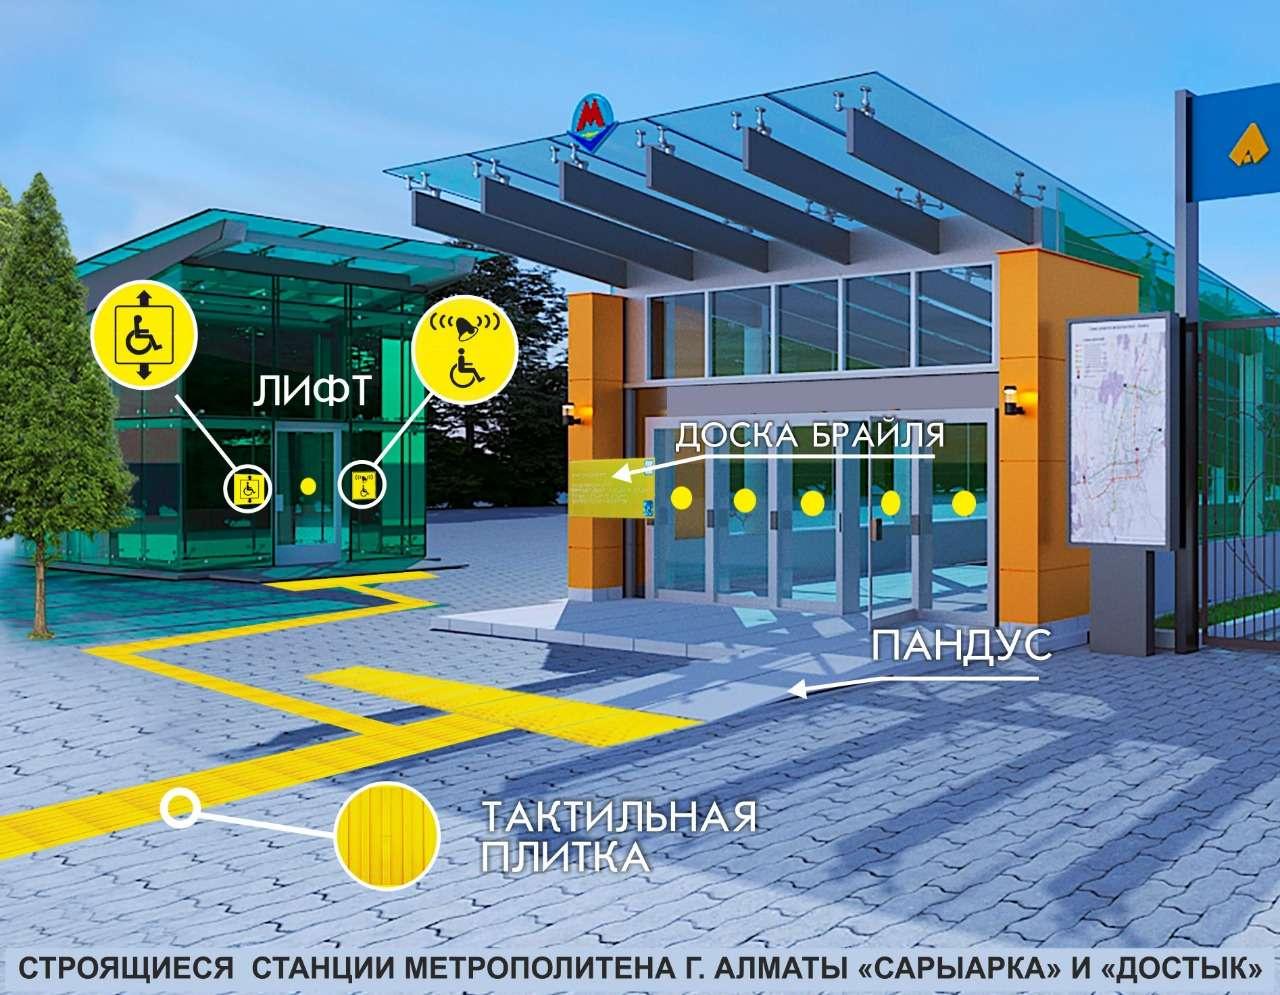 Новые станции метро оснастят необходимым оборудованием для маломобильных групп